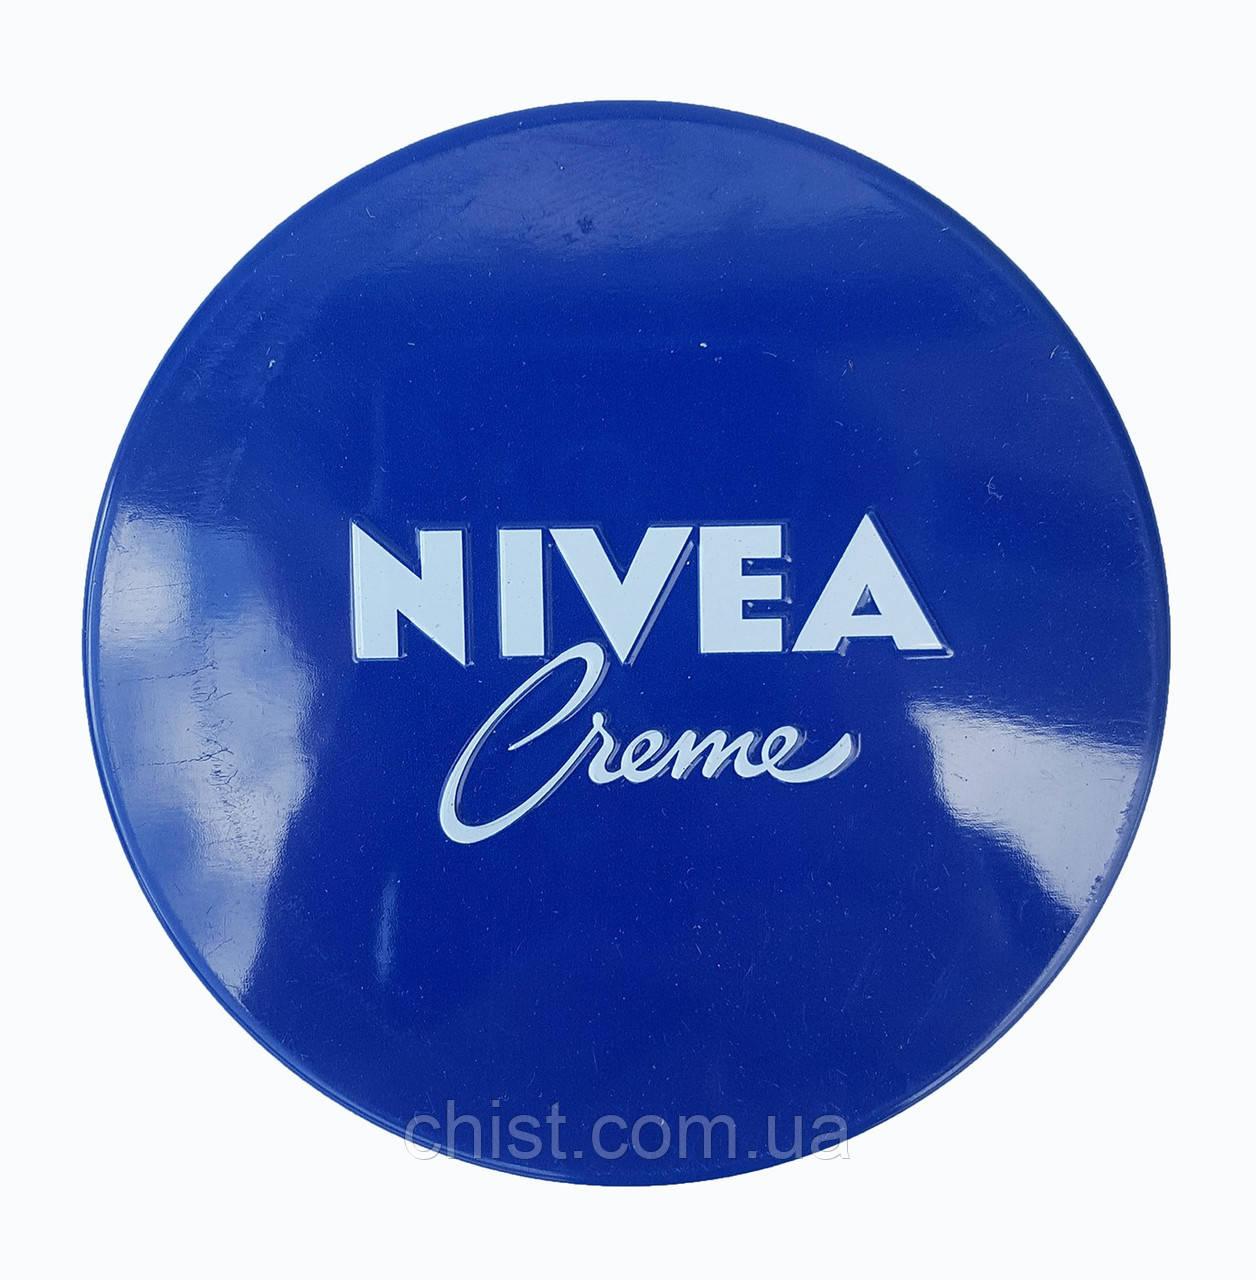 Nivea универсальный увлажняющий крем (150 мл)